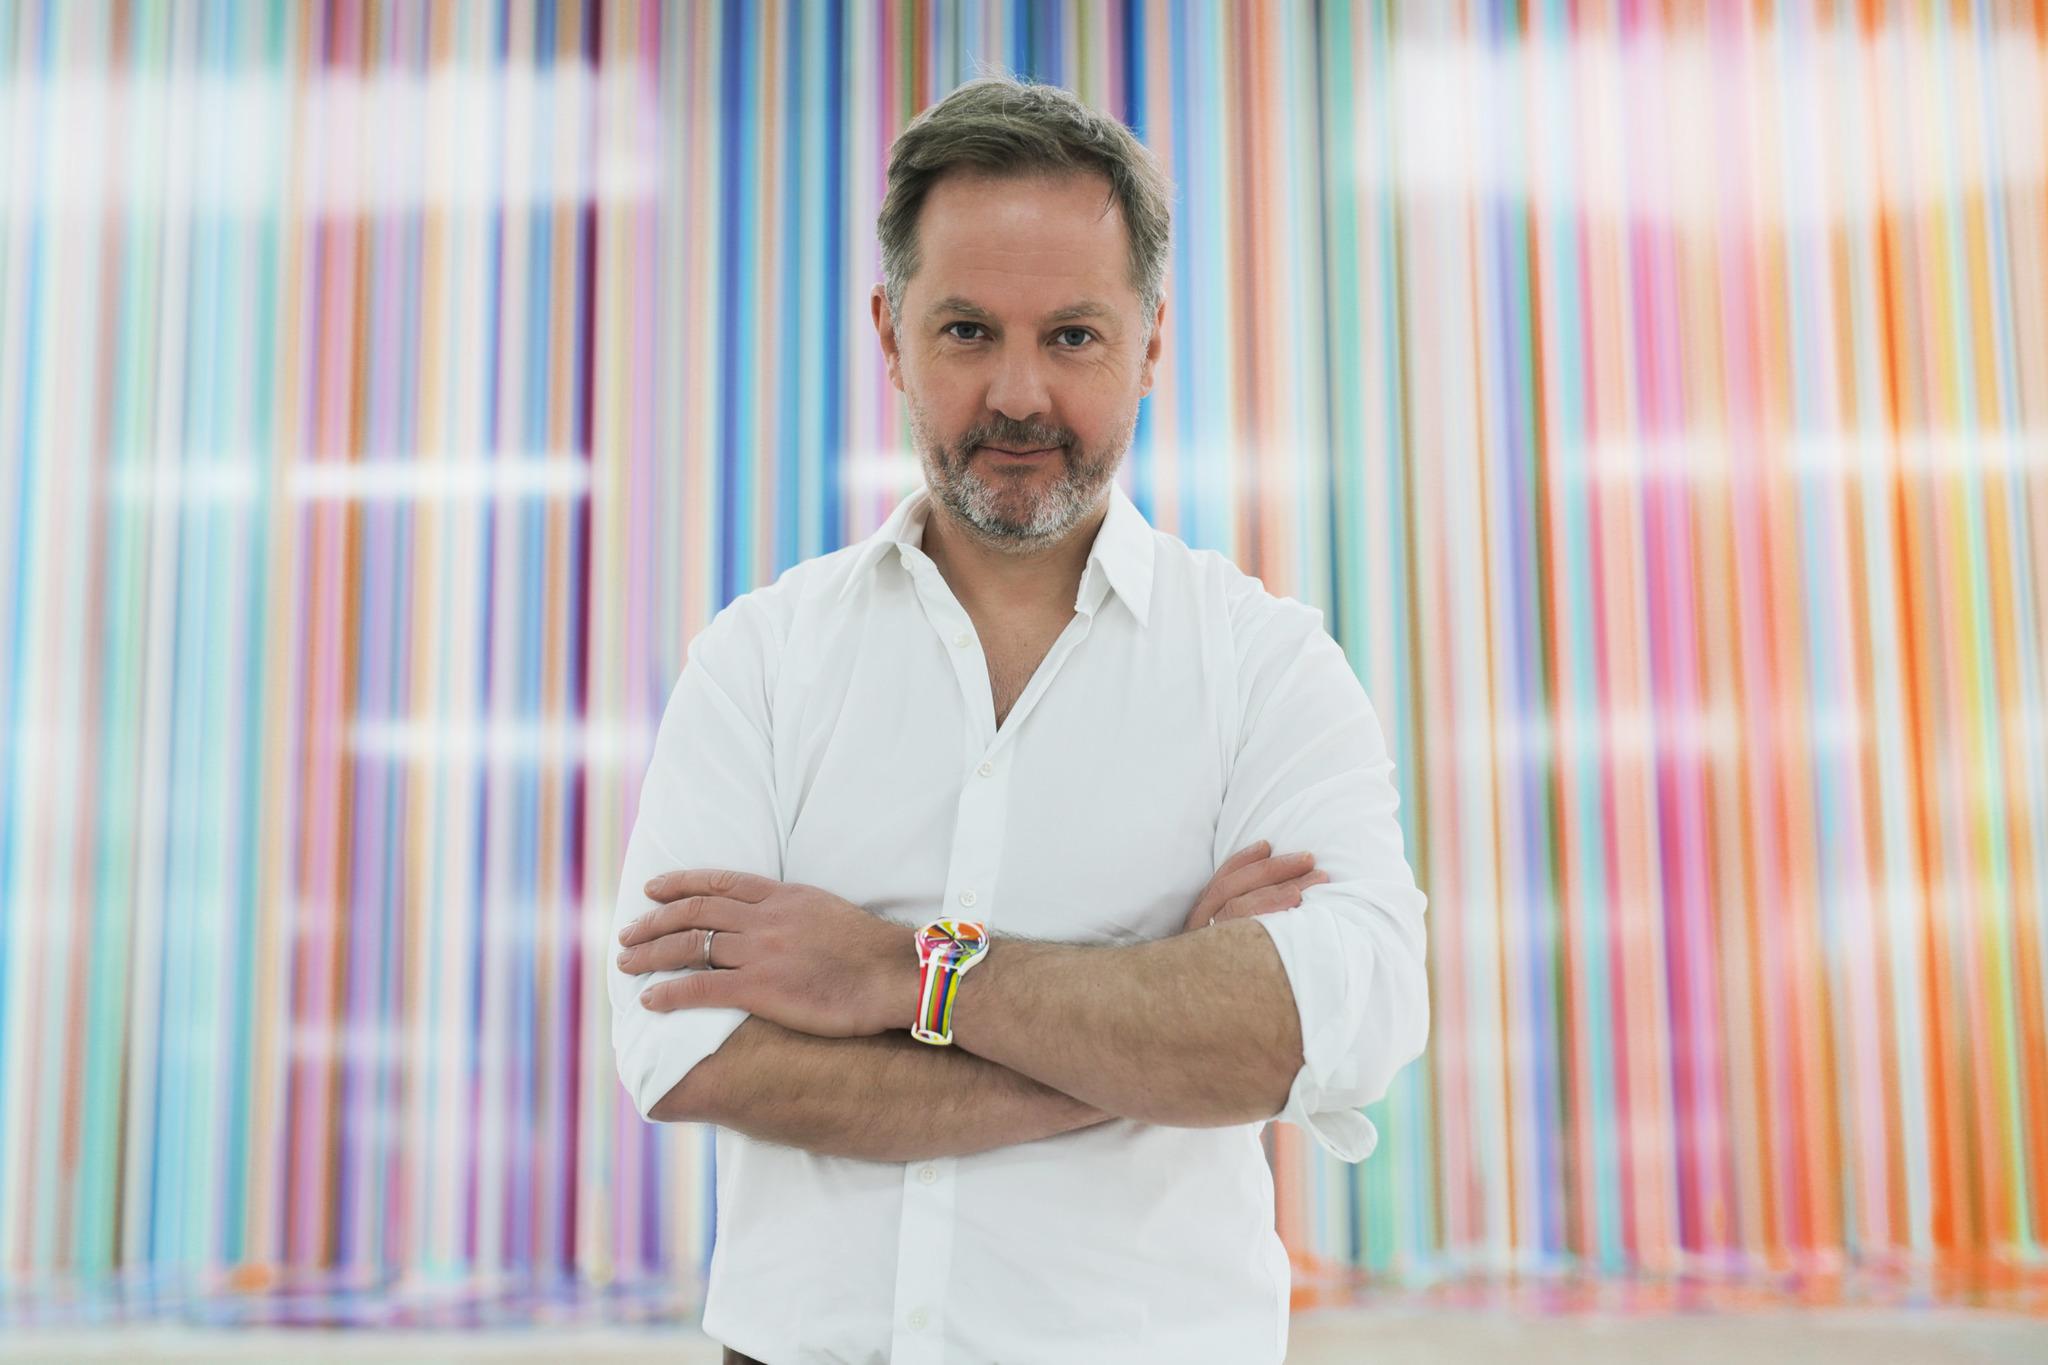 El artista Ian Davenport